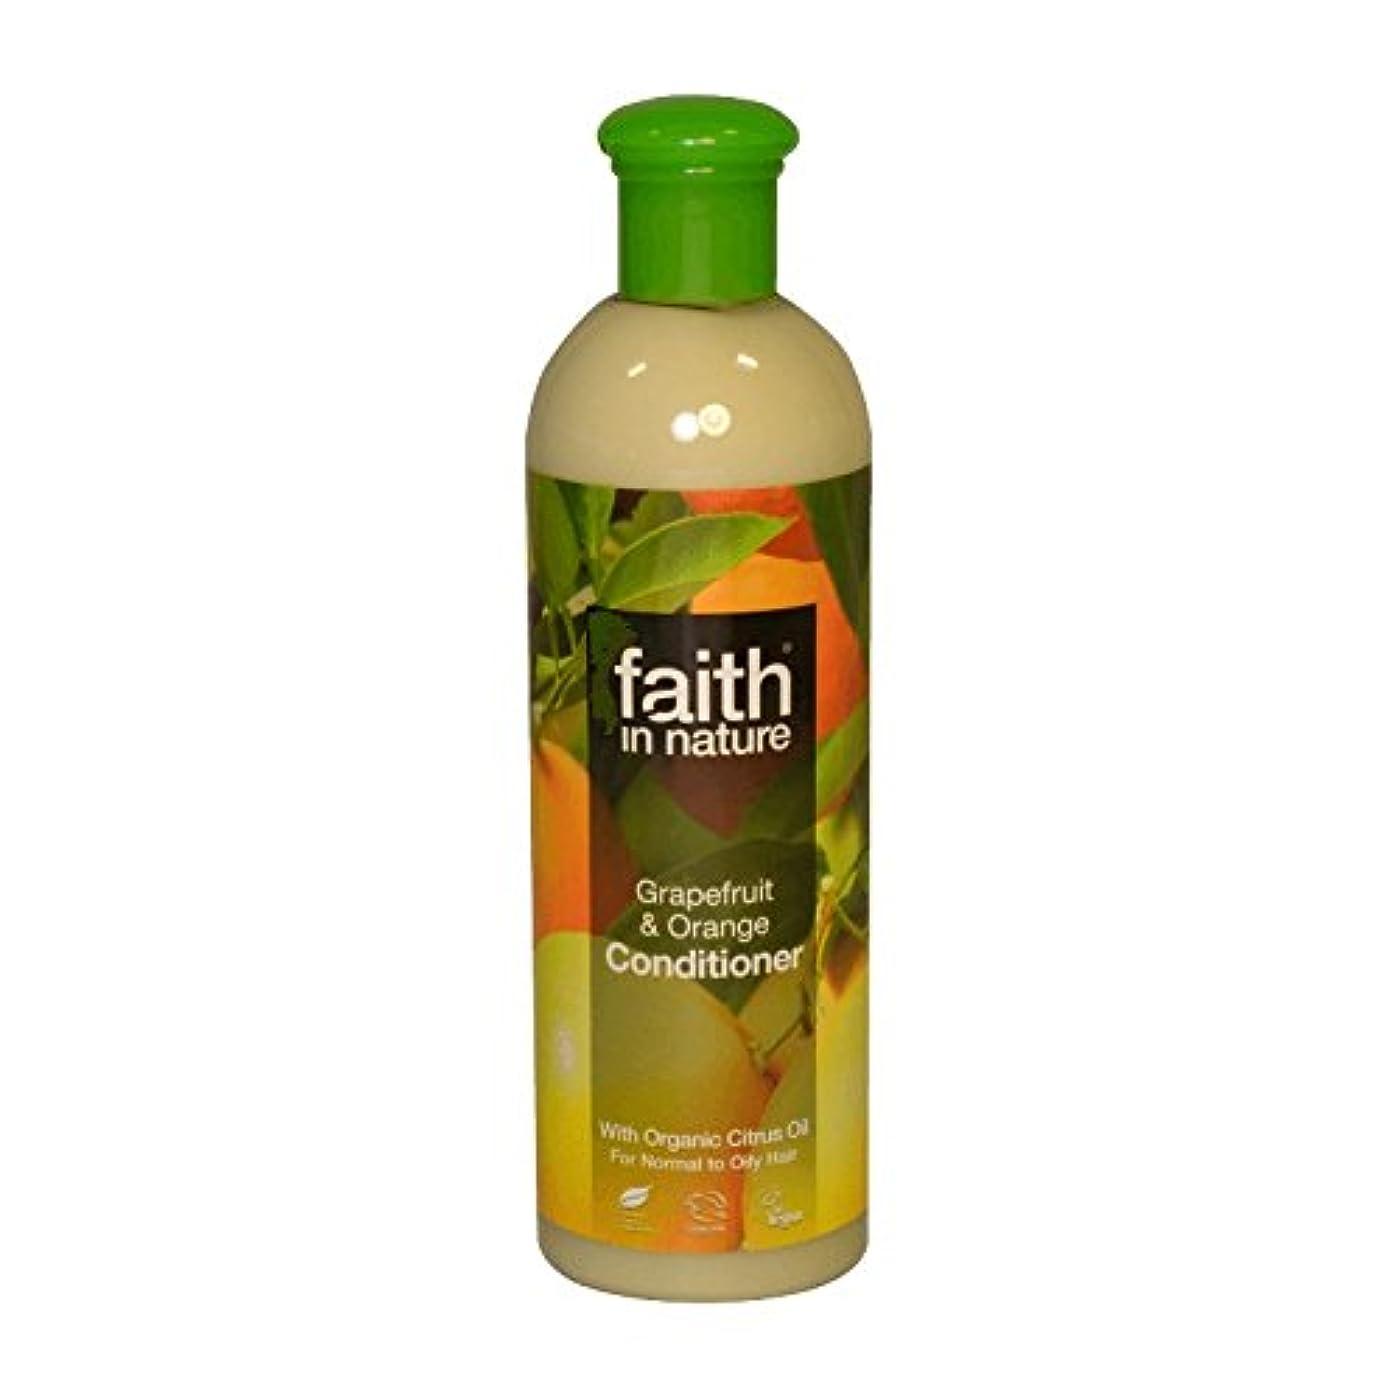 行方不明ウェブ十分ではないFaith in Nature Grapefruit & Orange Conditioner 400ml (Pack of 2) - 自然グレープフルーツ&オレンジコンディショナー400ミリリットルの信仰 (x2) [...